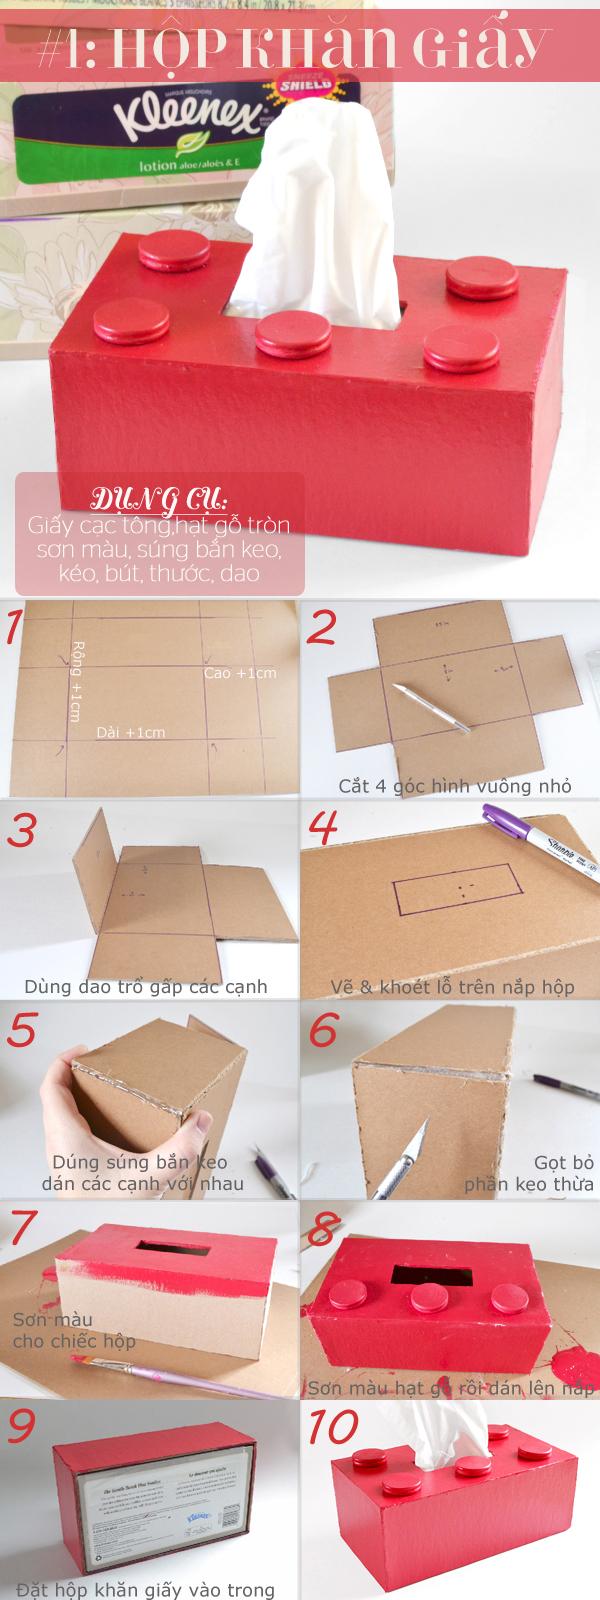 những món đồ hữu ích từ tấm bìa thùng carton